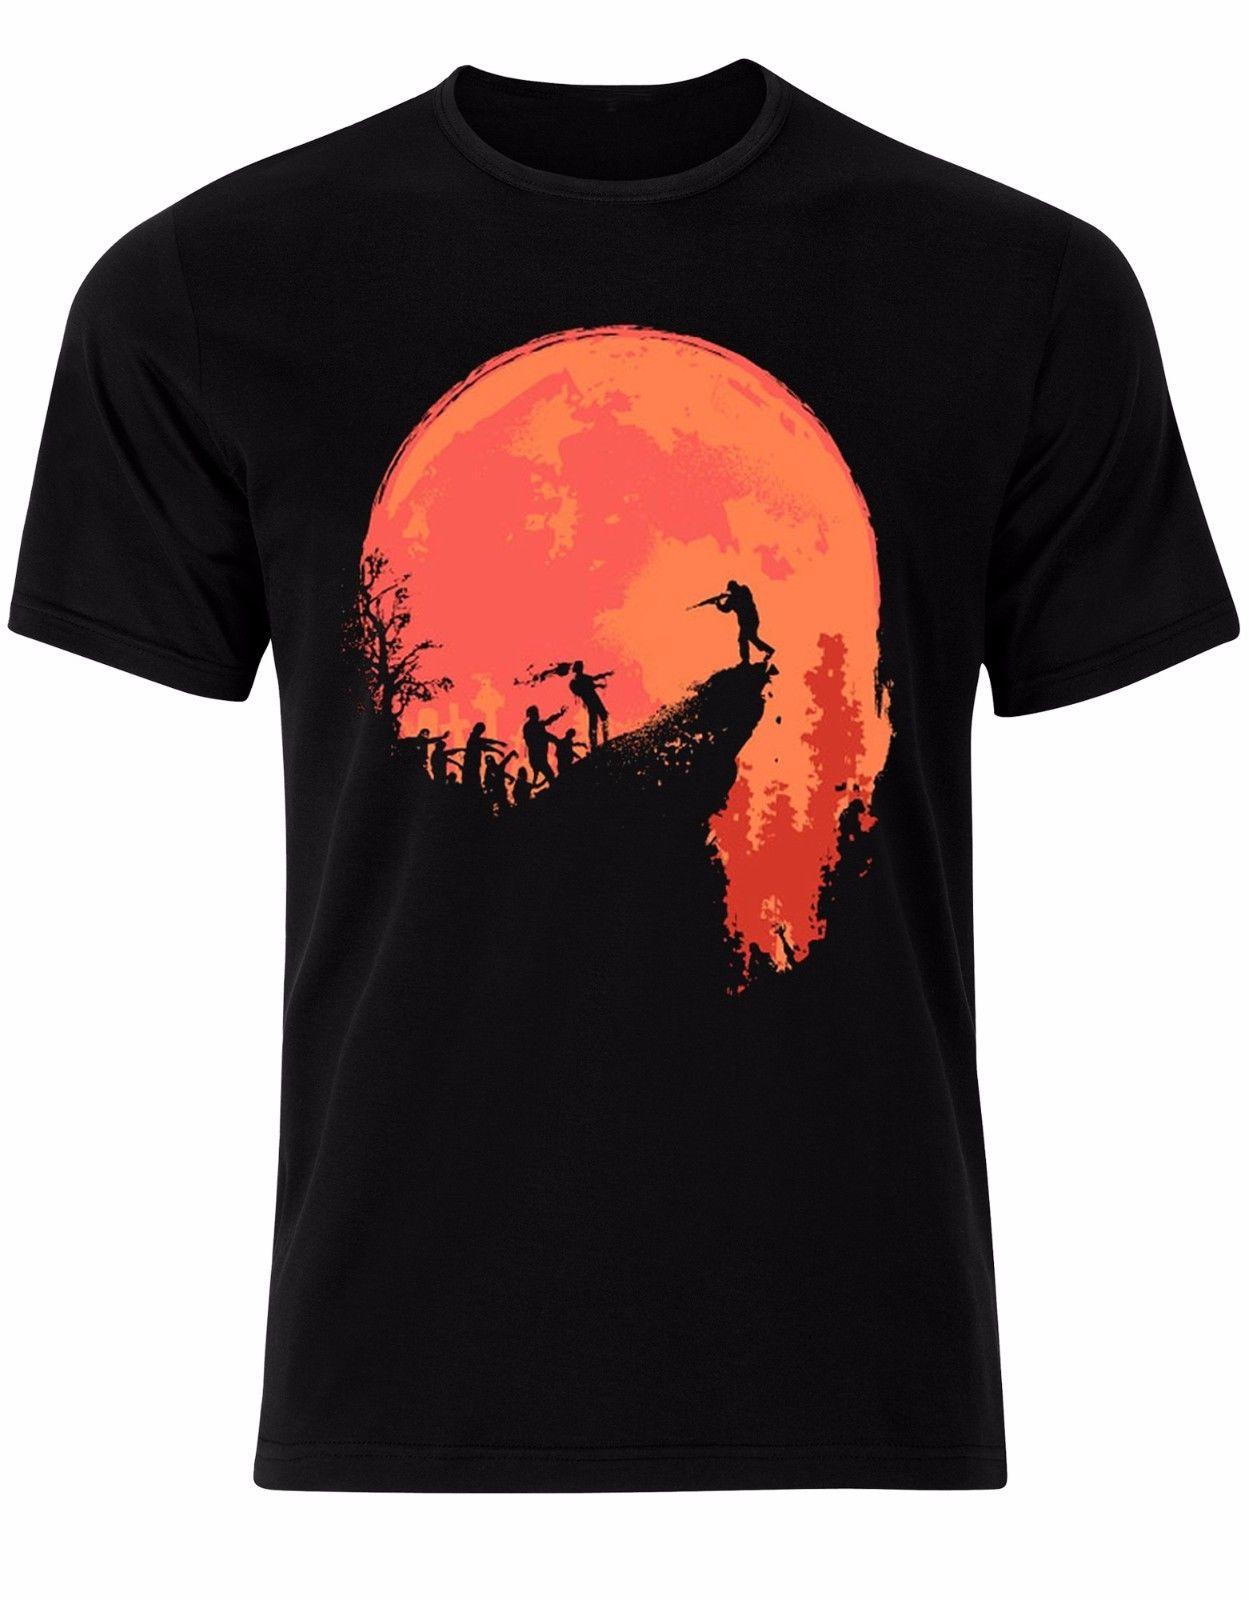 Novedad cuello redondo Tops Zombie Killer naranja luz de la luna Halloween Post apocalíptico hombres camiseta Top AL61 camisa Base camisa